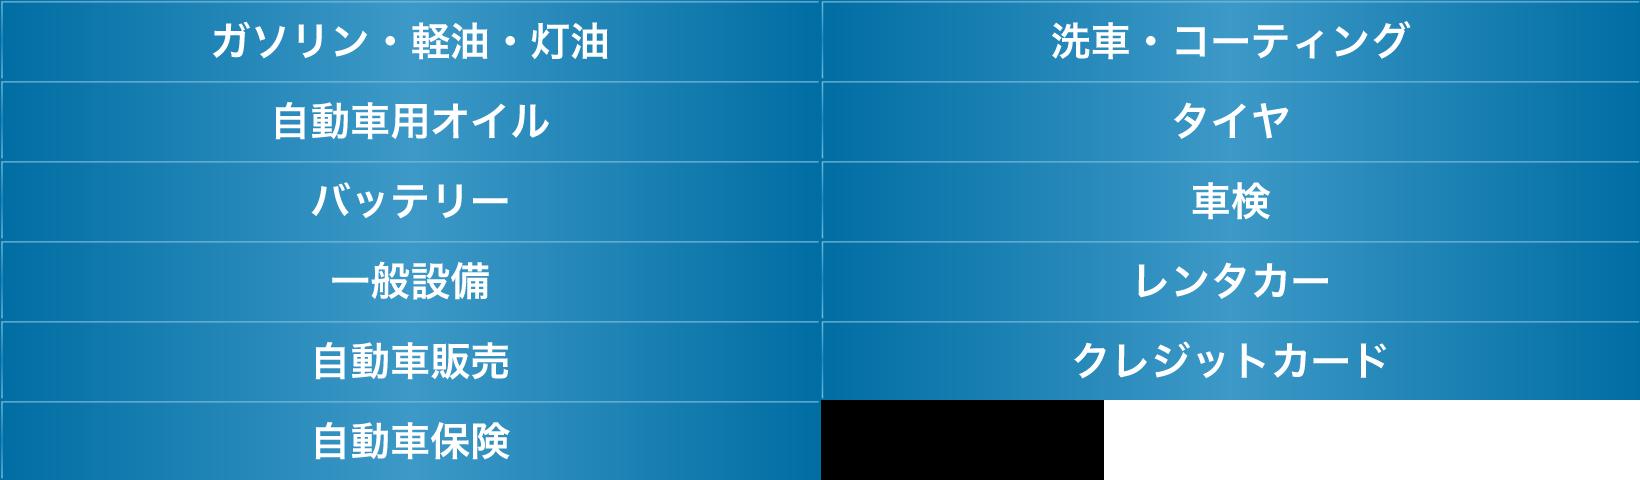 ガソリン・経由・灯油 洗車・コーティング              自動車用オイル タイヤ バッテリー 車検 一般設備 レンタカー 自動車販売 クレジットカード 自動車保険